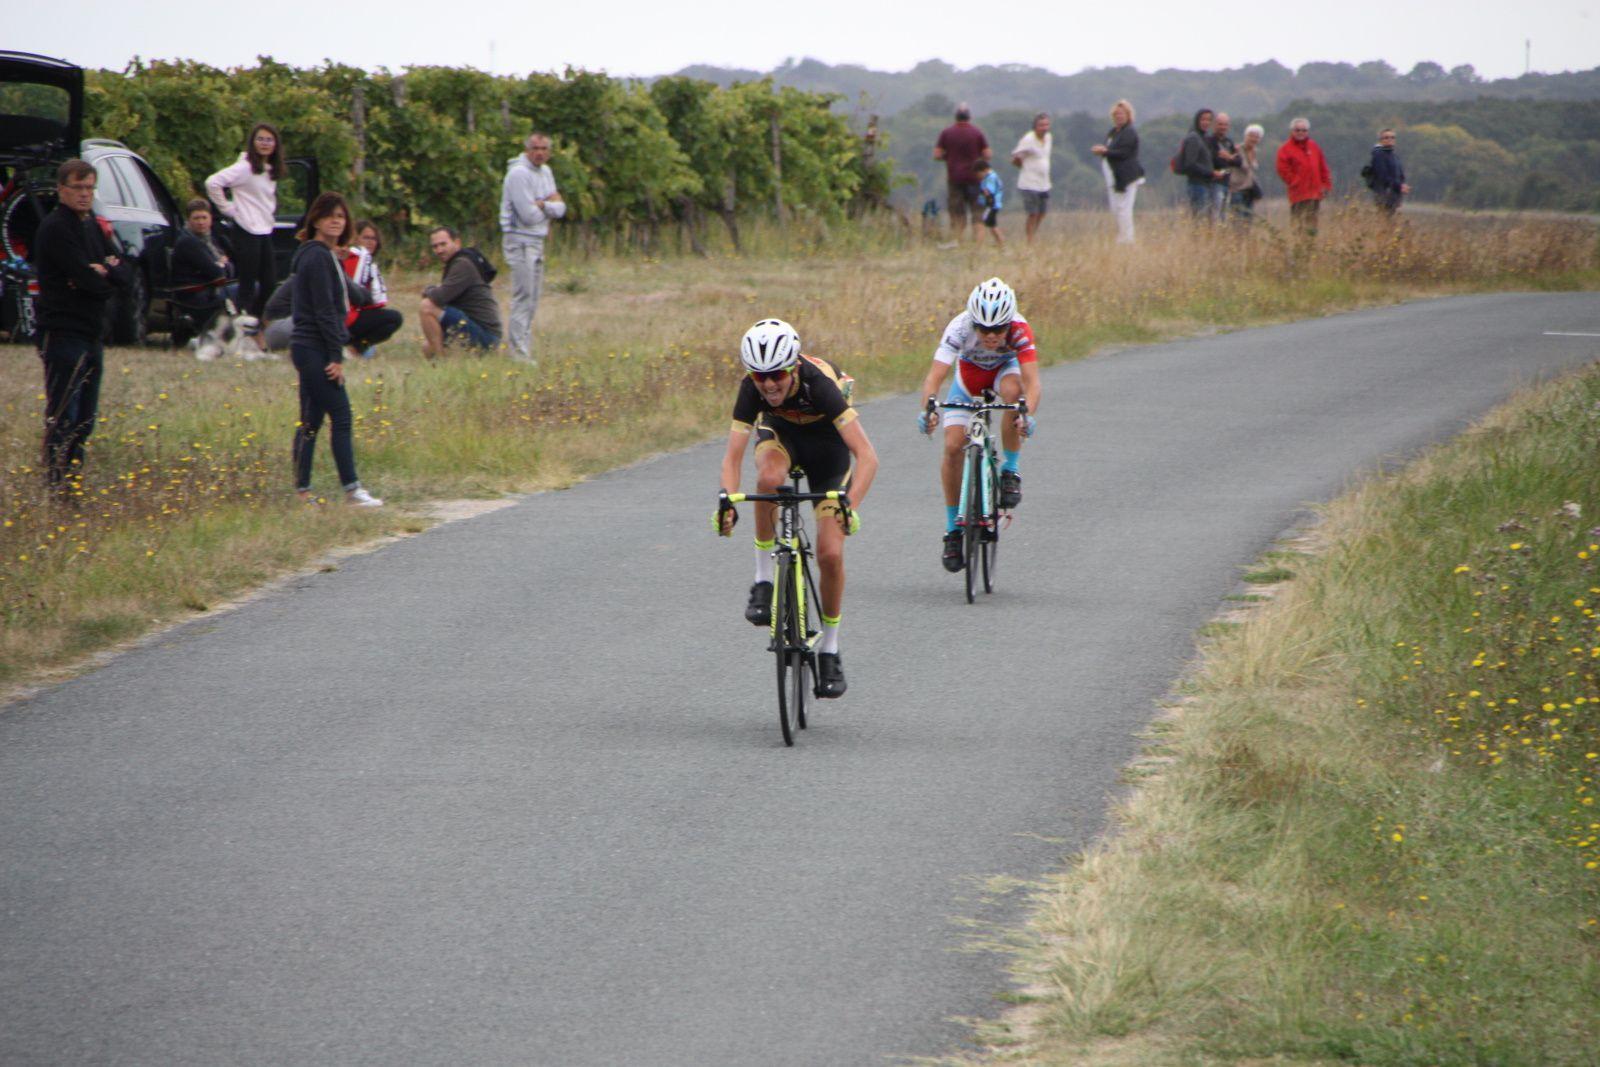 L'arrivée  et  la  victoire  pour  Victor  HUCTEAU(Angouléme  VC), 2e  Julien  BENOIST(VC  Charente-Océan)